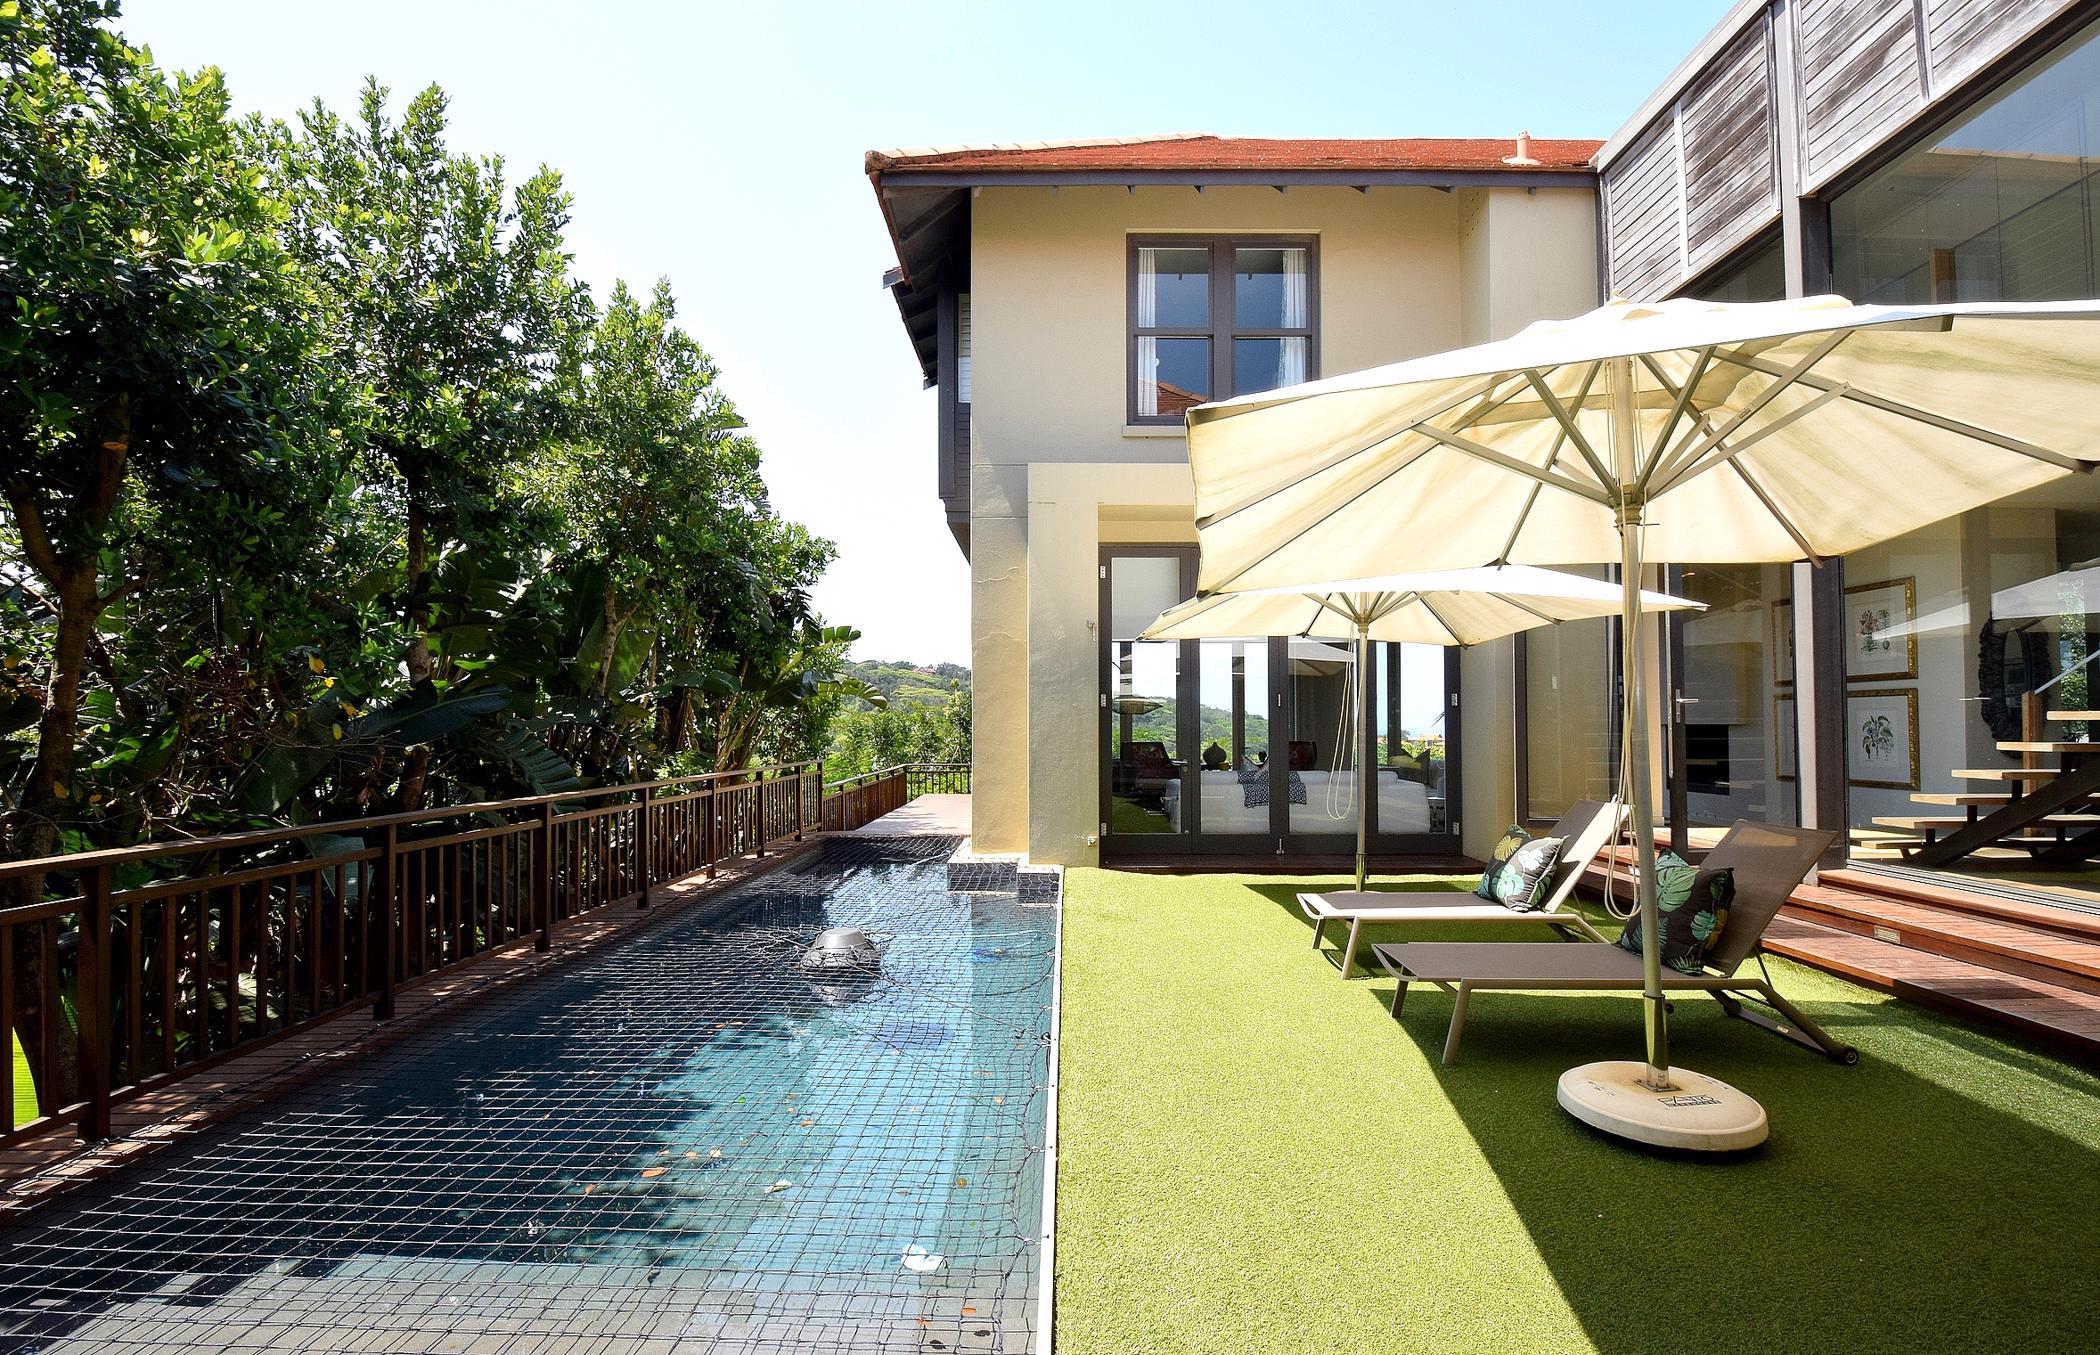 6 bedroom house for sale in Zimbali Coastal Resort